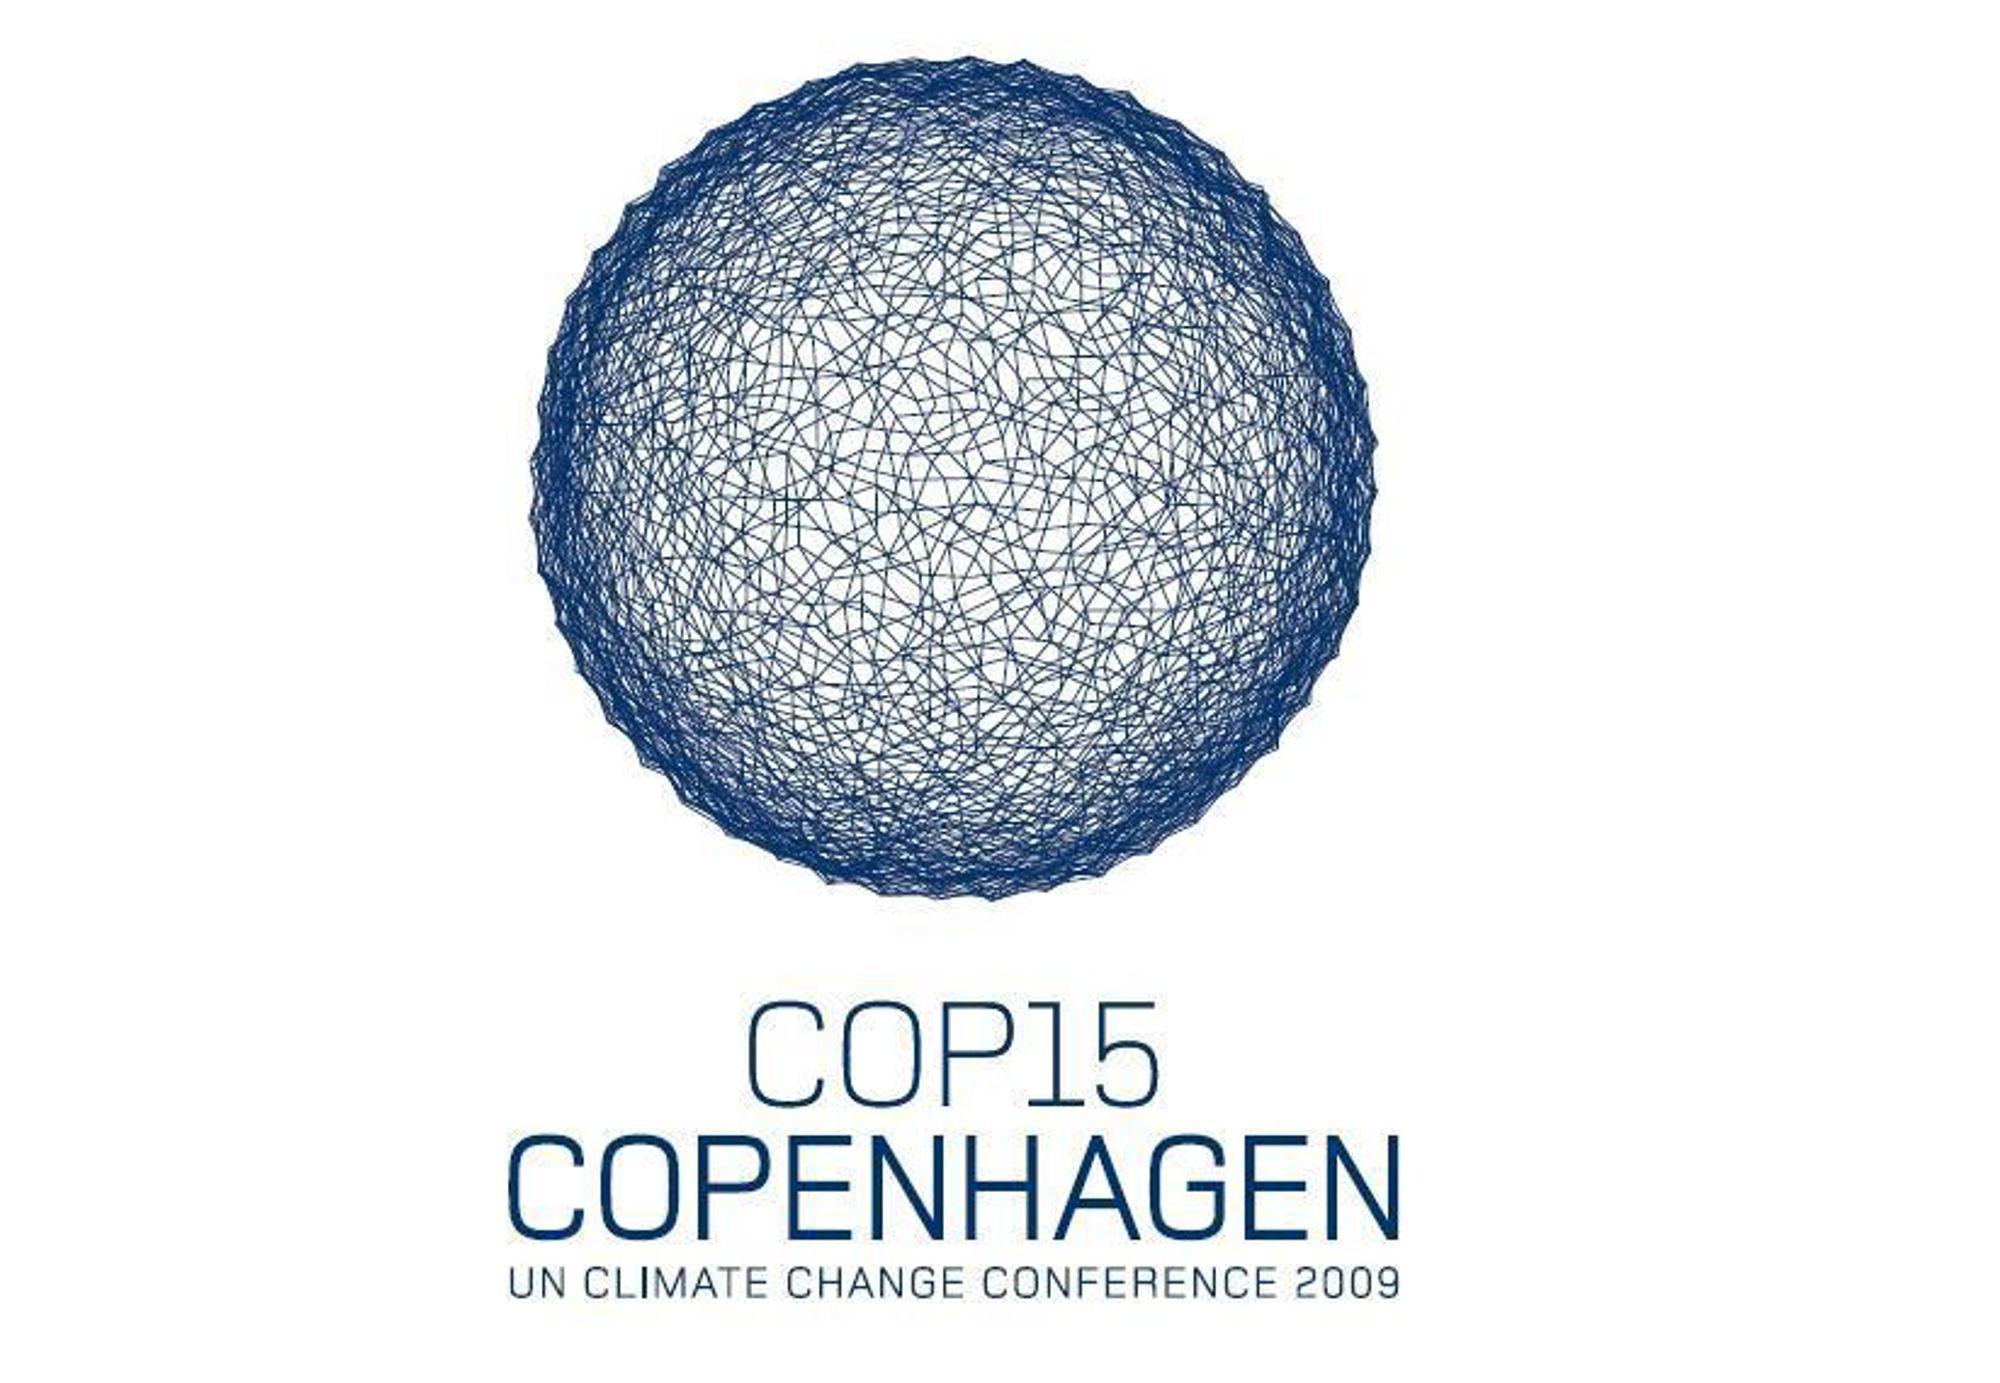 COP15 København klimaforhandlinger. Desember. Klimatoppmøte. Logo.